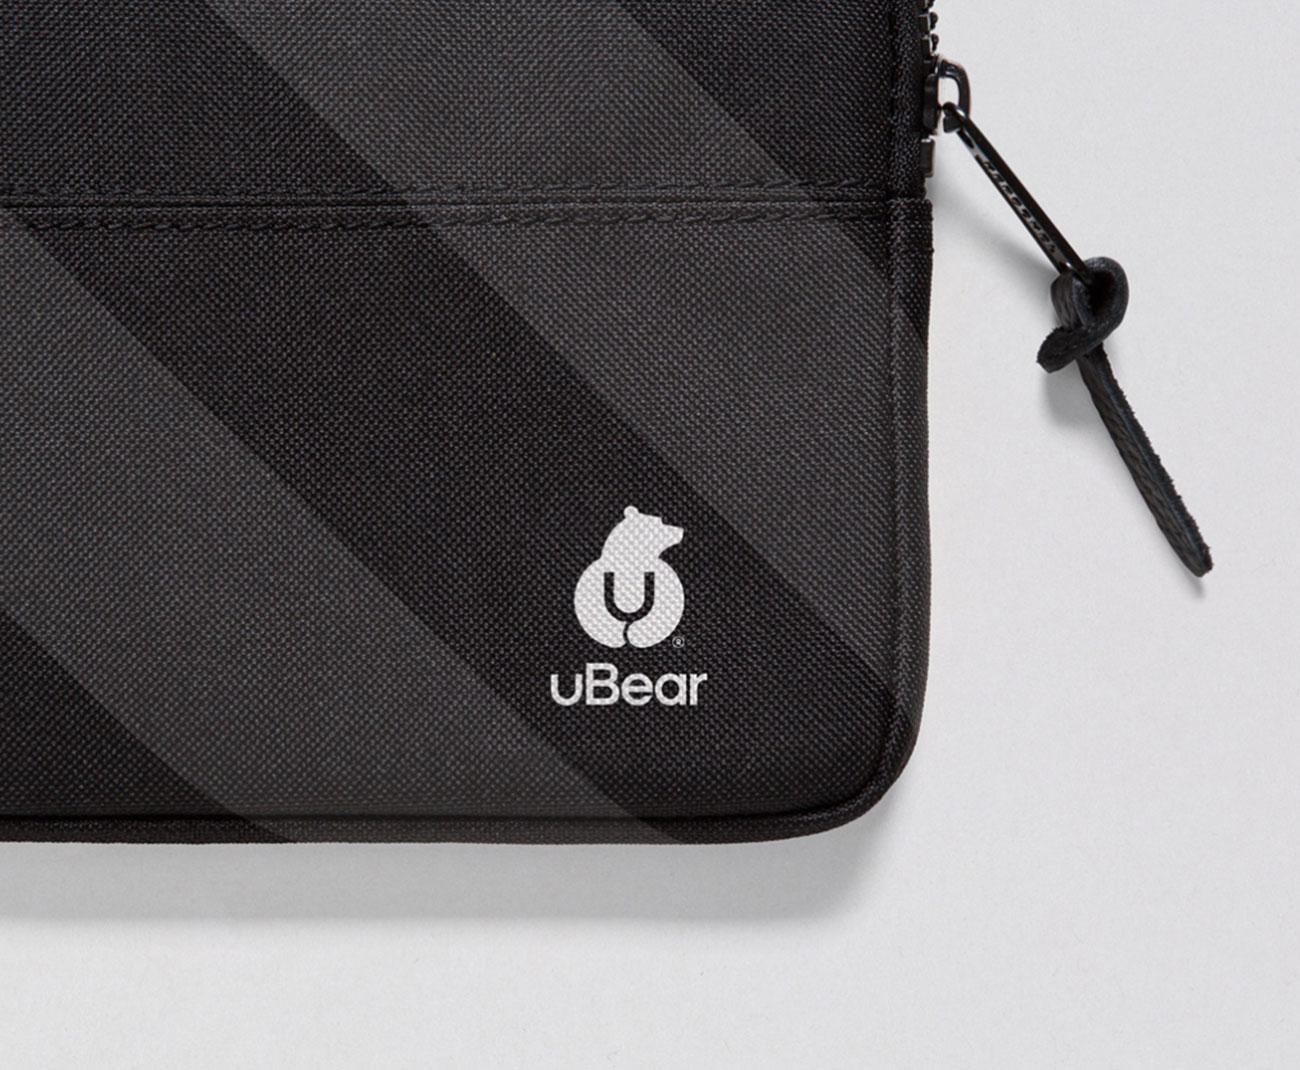 uBear_6